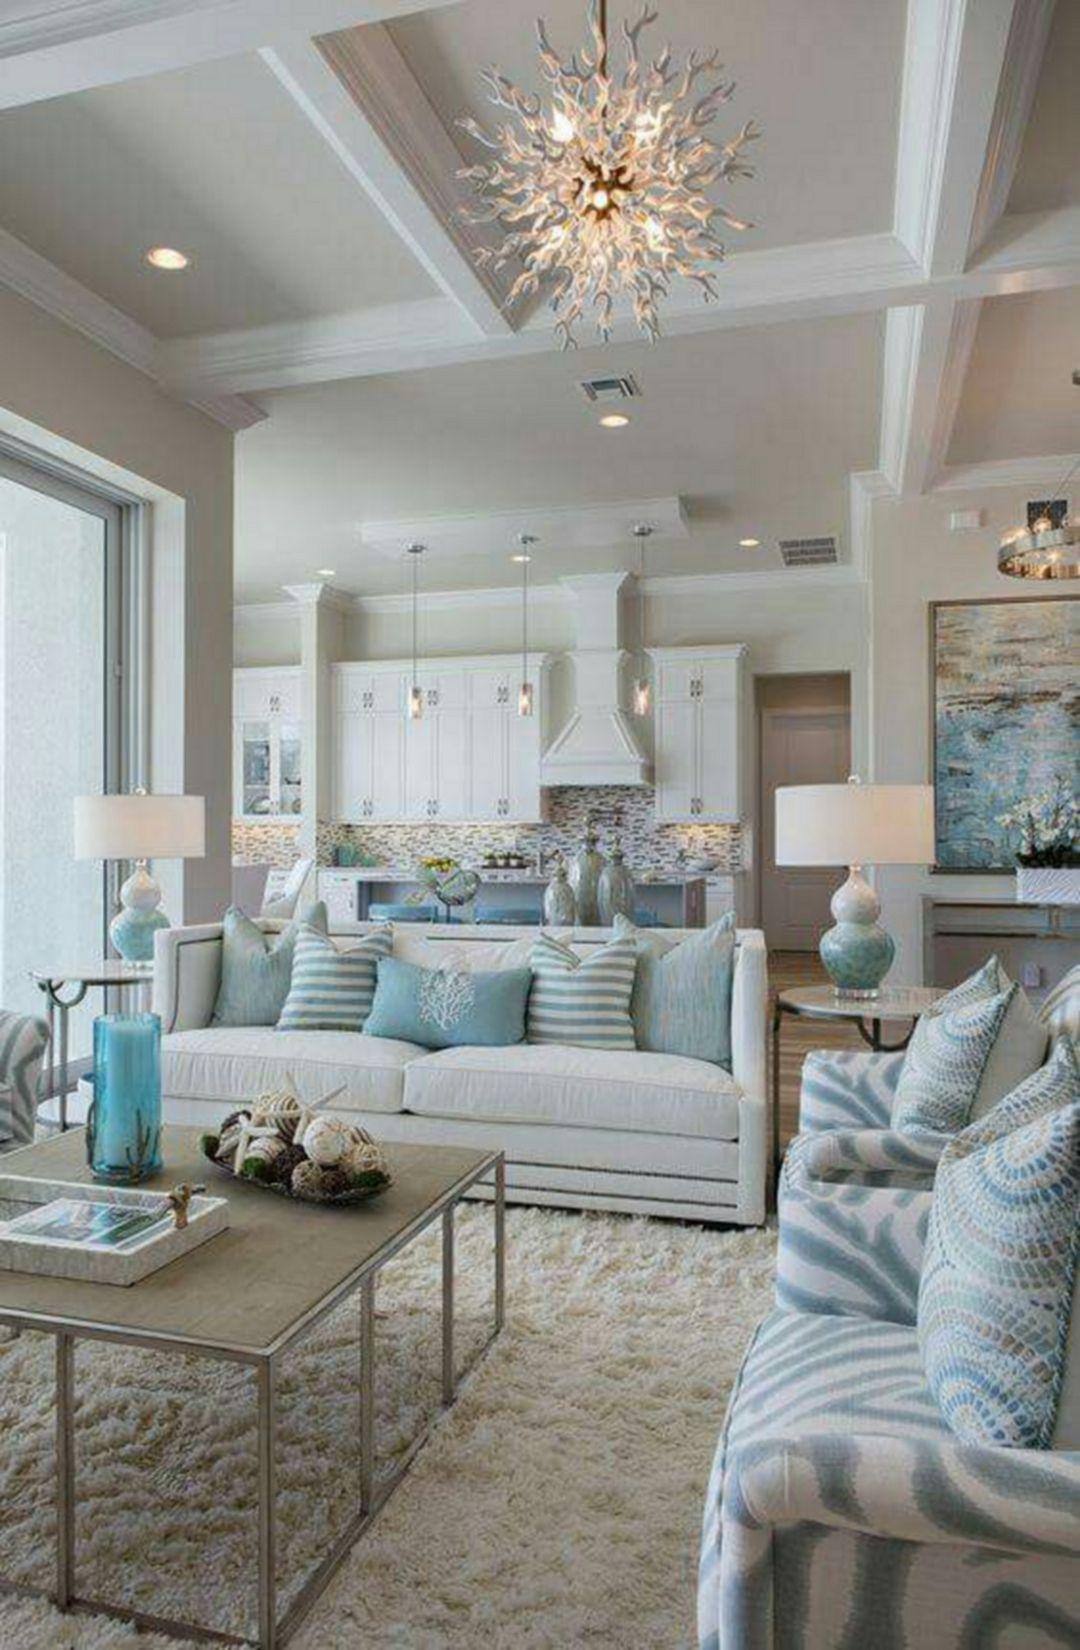 Wonderful Turquoise Coastal Living Room Design Ideas 2014  Home Best Living Room Design Ideas 2014 2018